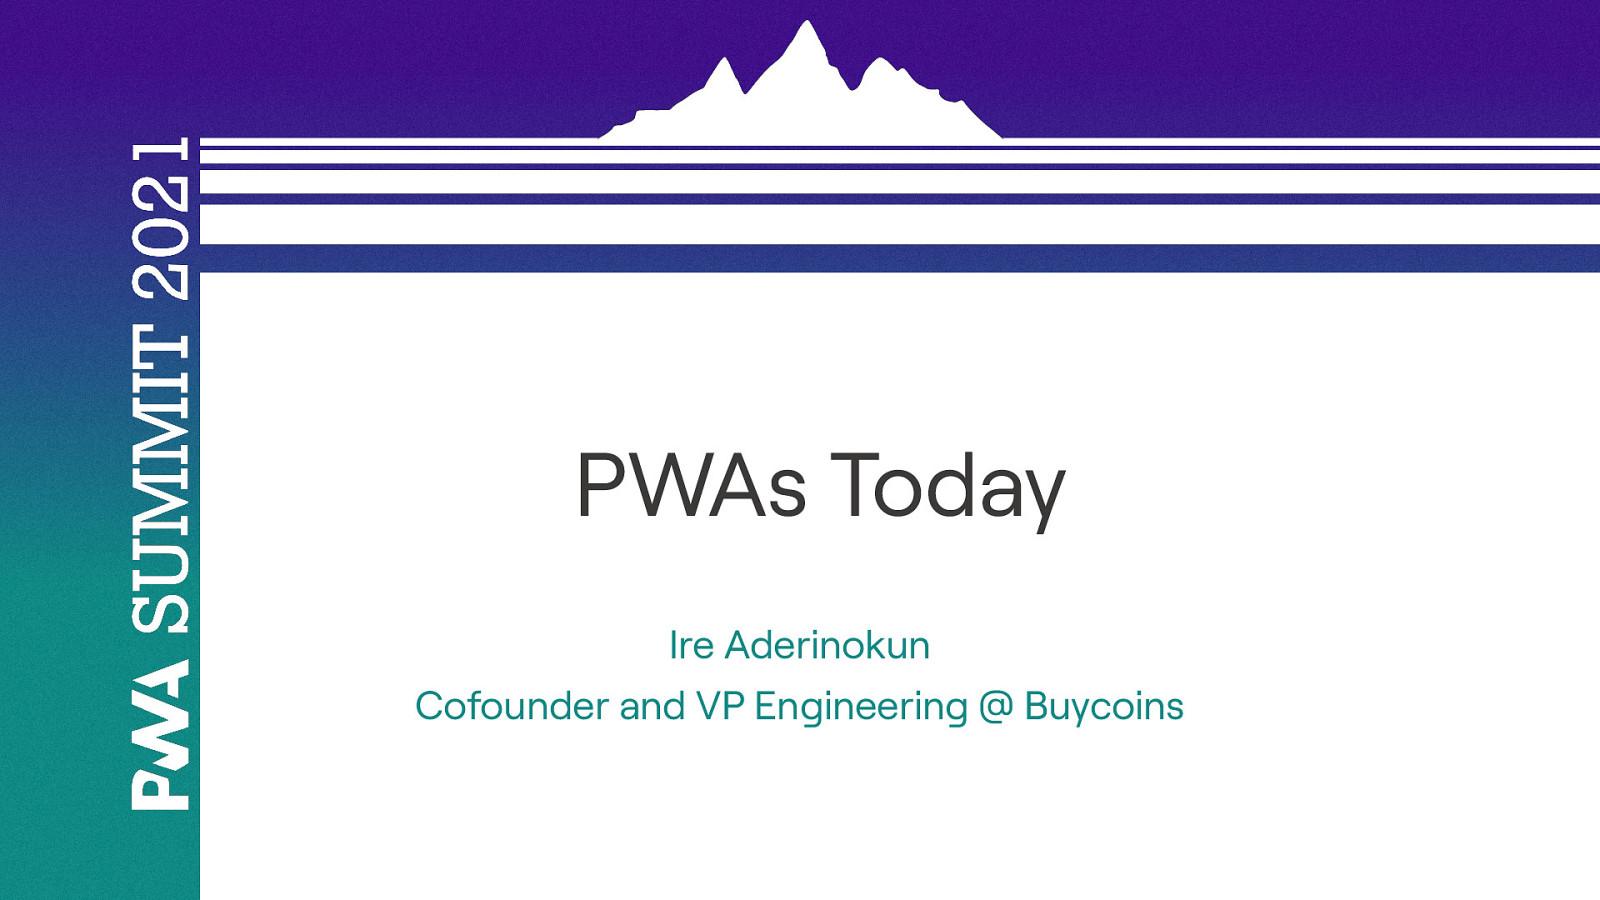 PWAs Today